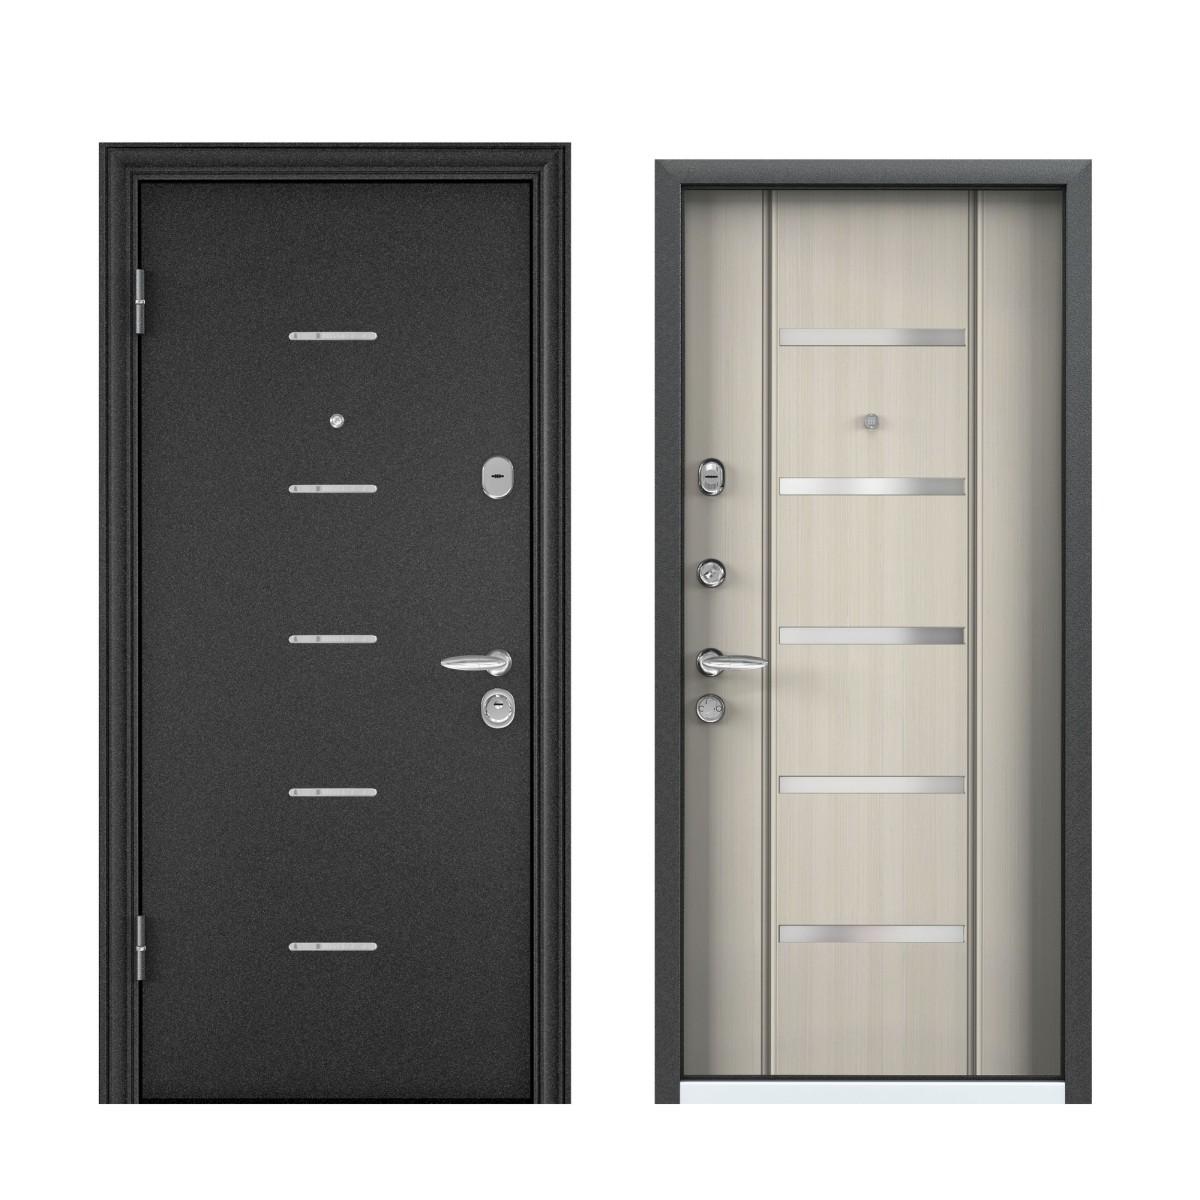 Дверь входная металлическая Торэкс Super Omega–10 880х2070 мм левая цвет белый перламутр